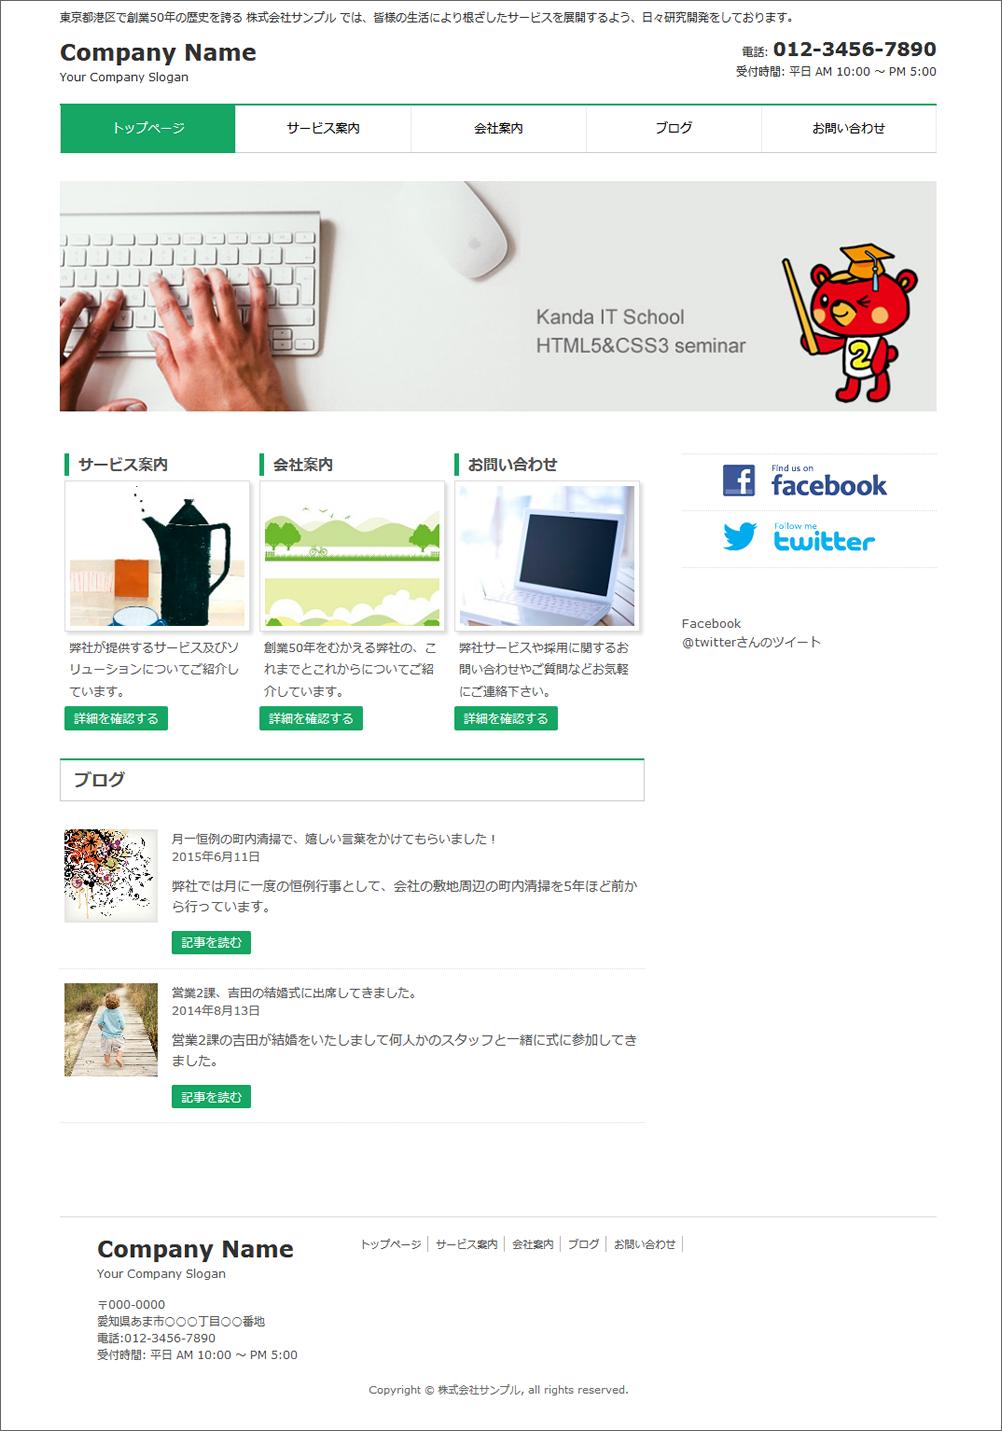 作成するホームページのサンプルイメージ